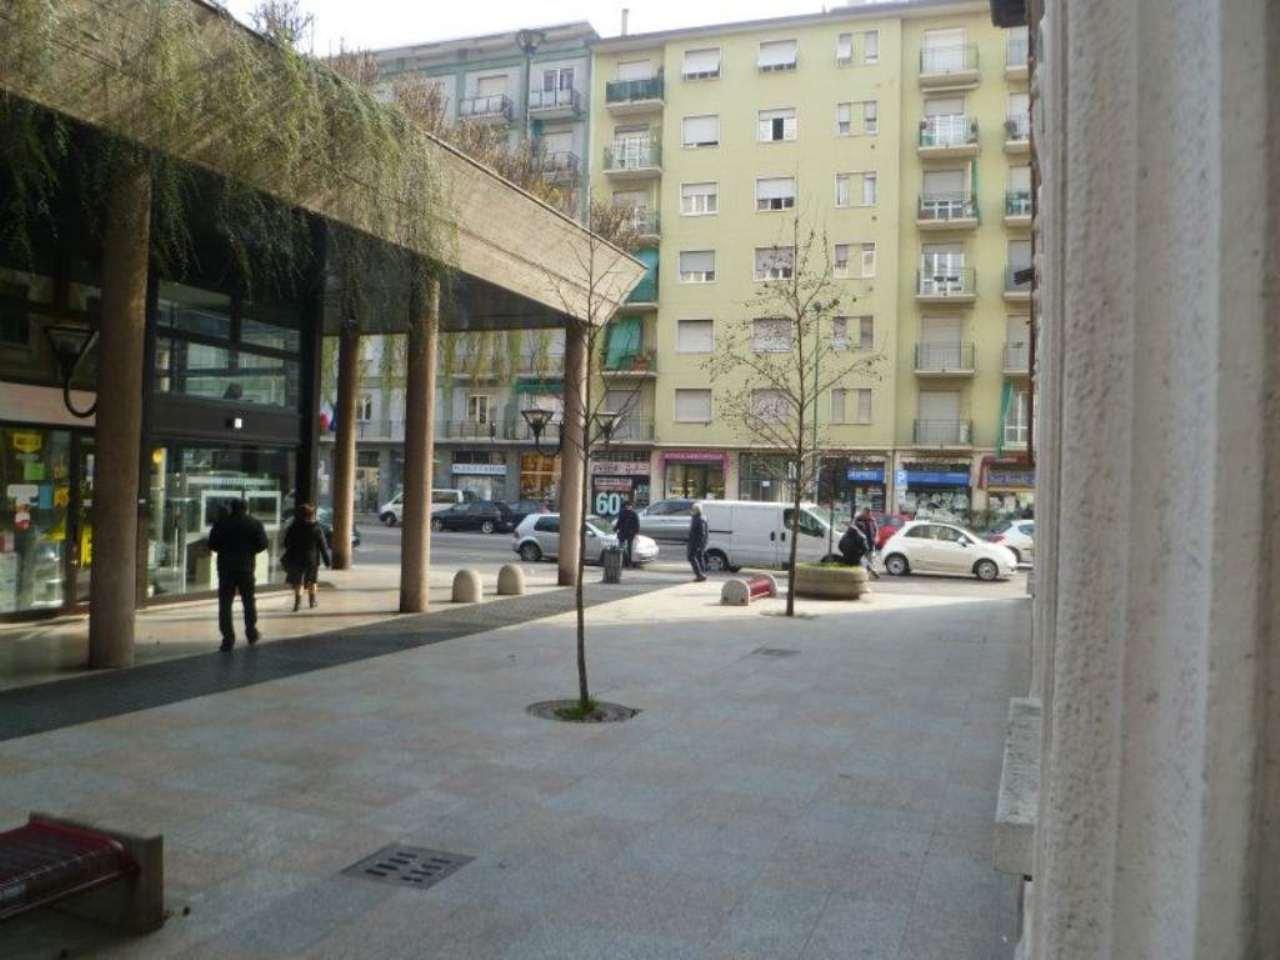 Negozio / Locale in affitto a Sesto San Giovanni, 2 locali, prezzo € 1.300 | Cambio Casa.it